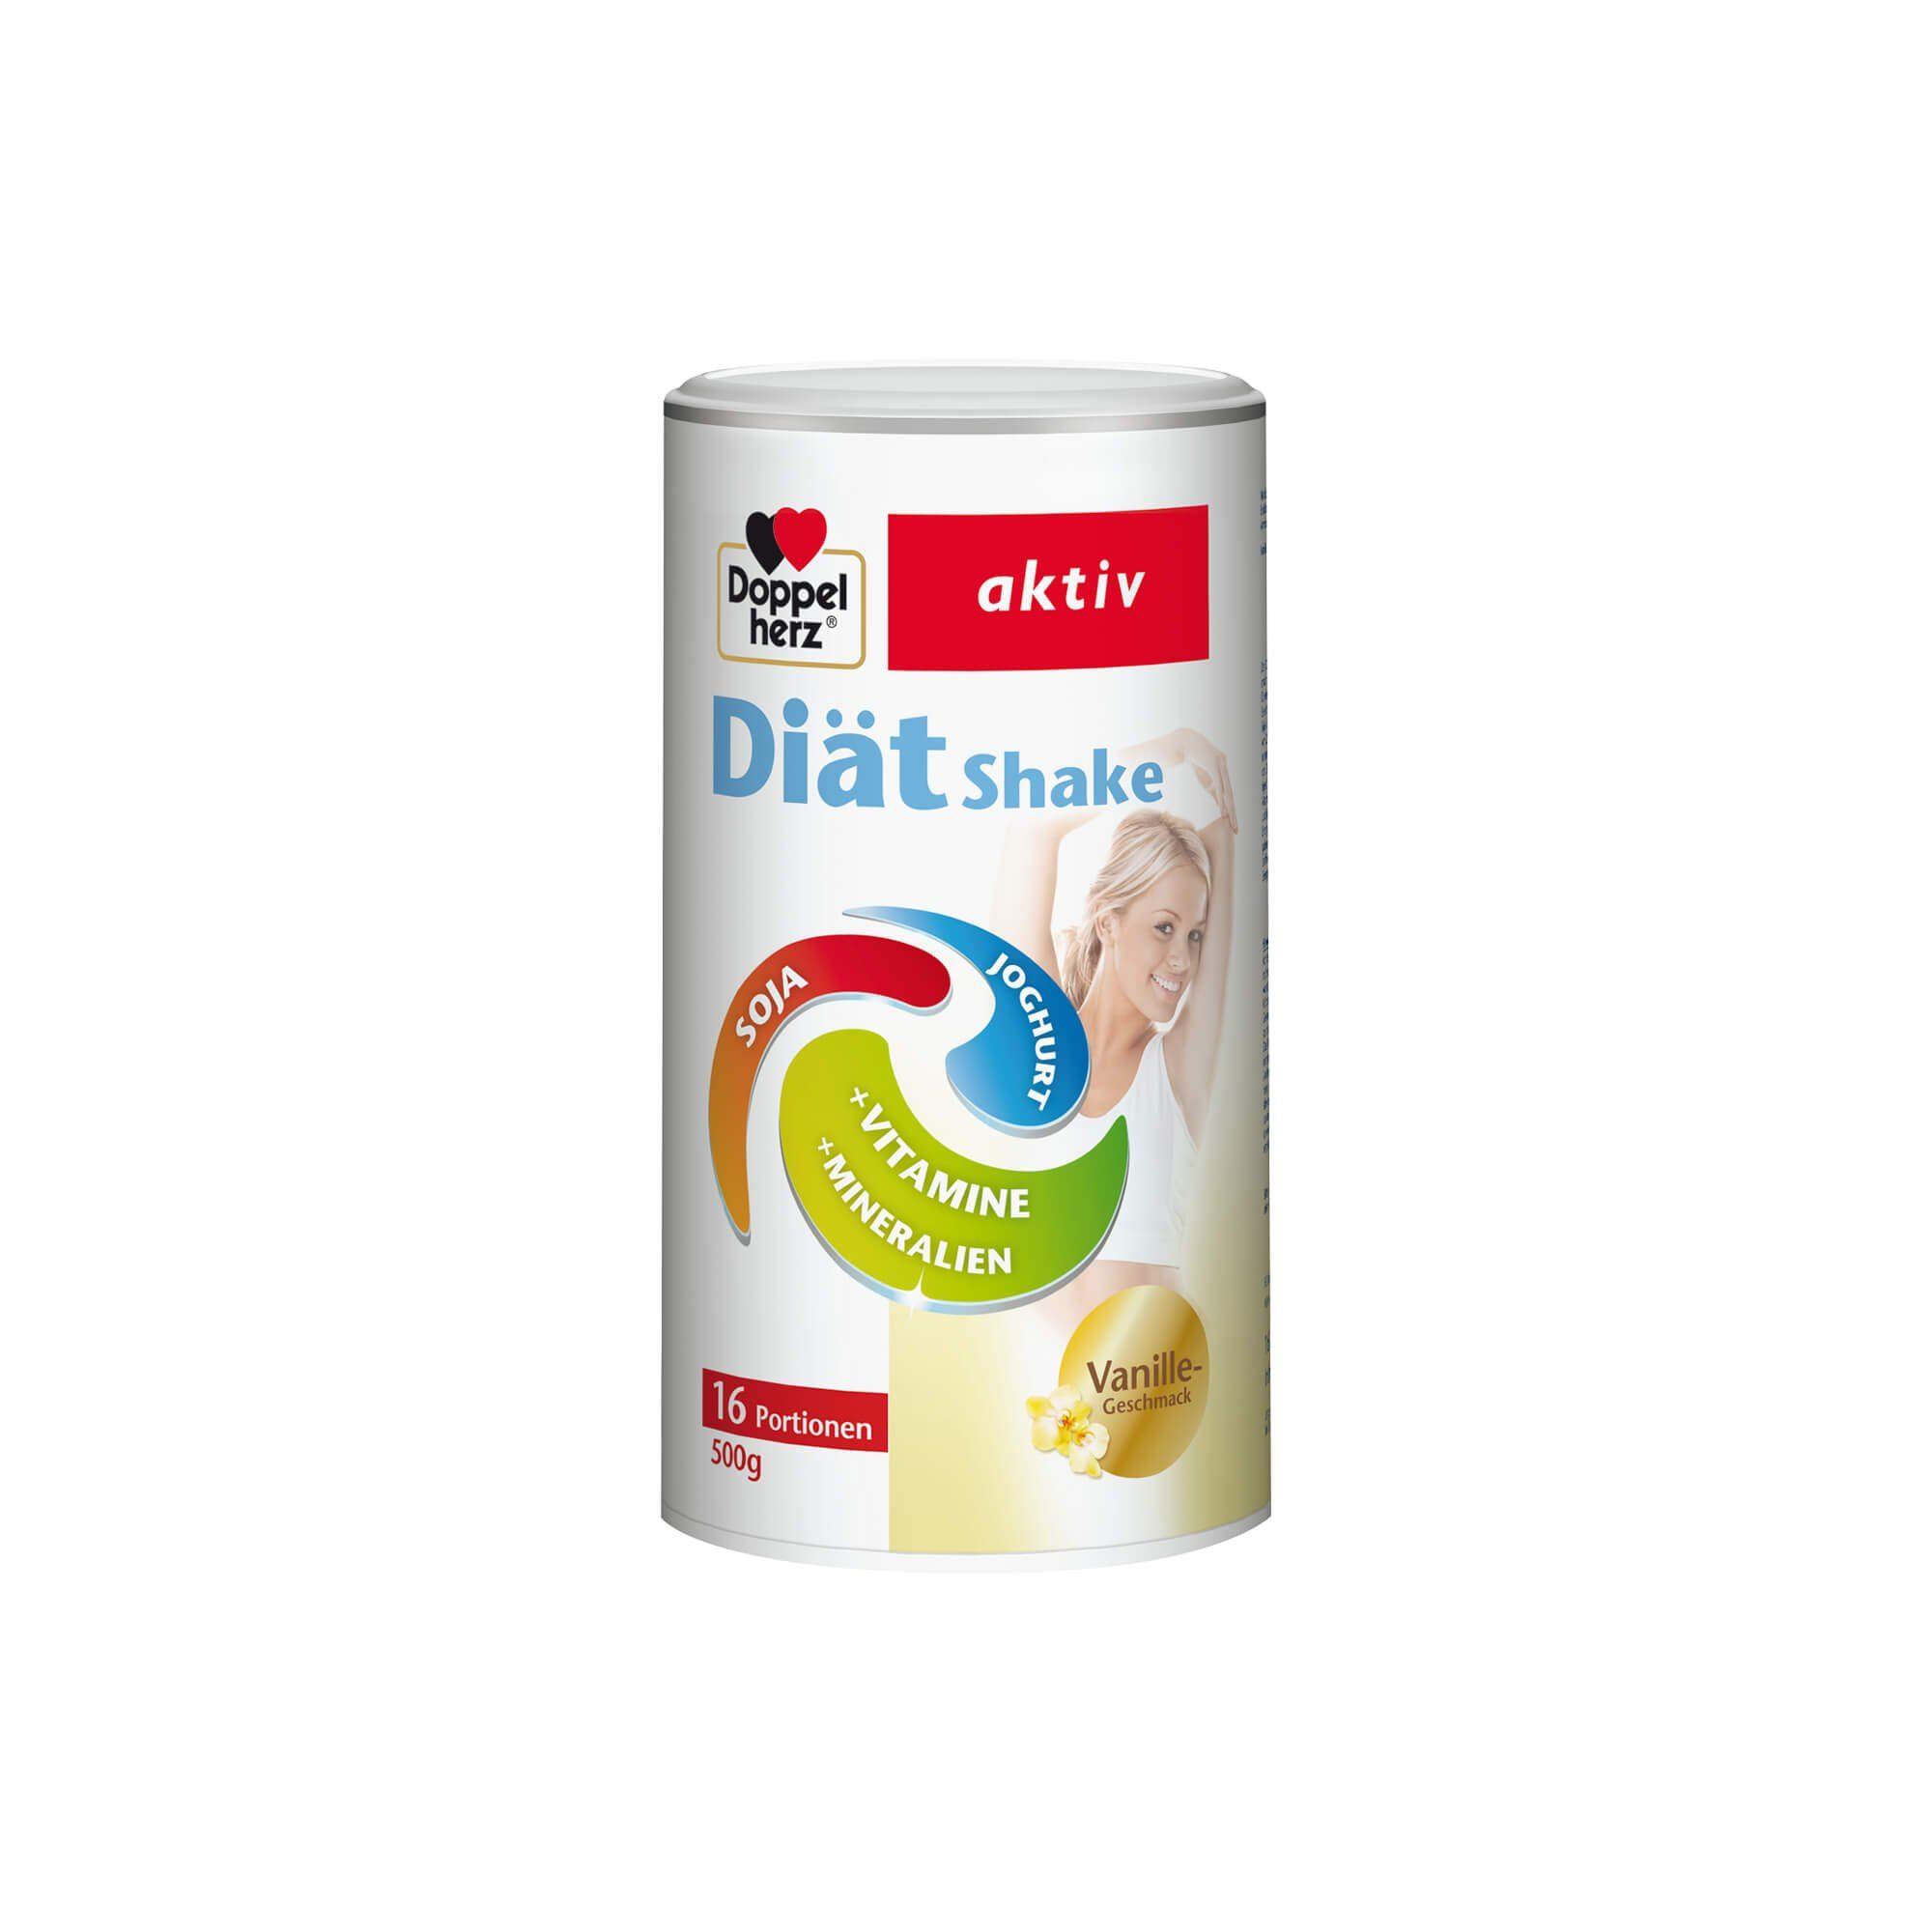 Doppelherz aktiv Diätshake Vanille , 500 g